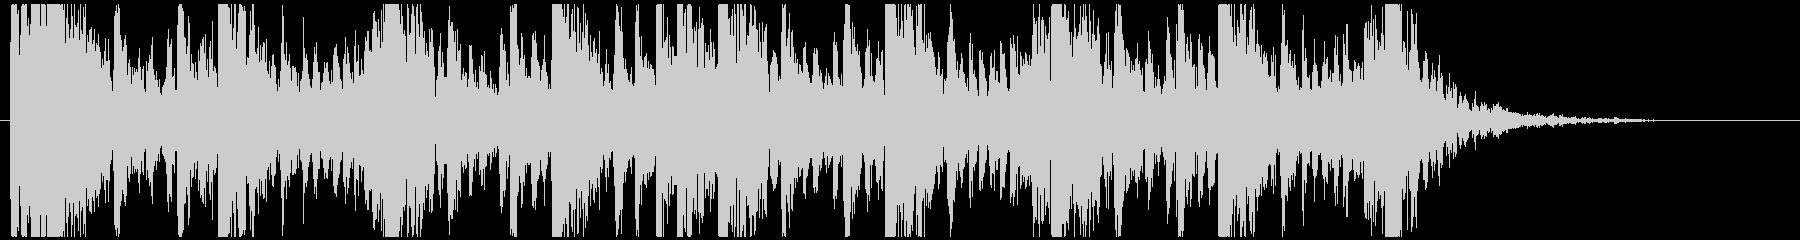 和太鼓のリズム2 残響ありBPM160の未再生の波形